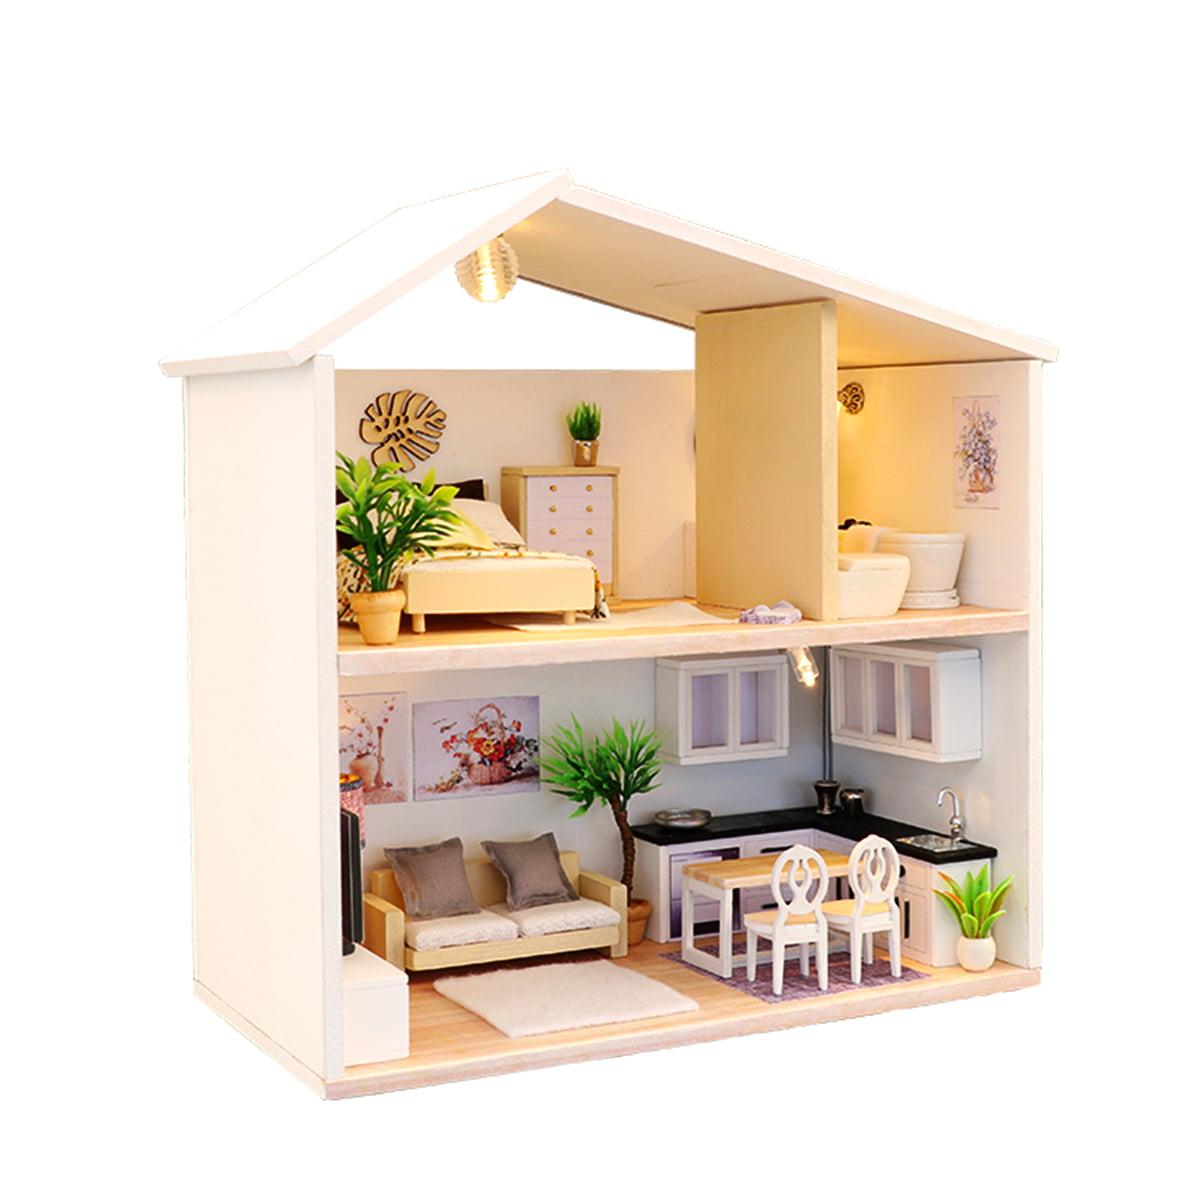 Mrosaa DIY Miniature Kit Wooden Toy Model Doll House Modern House Kid Gift  w/ LED Light